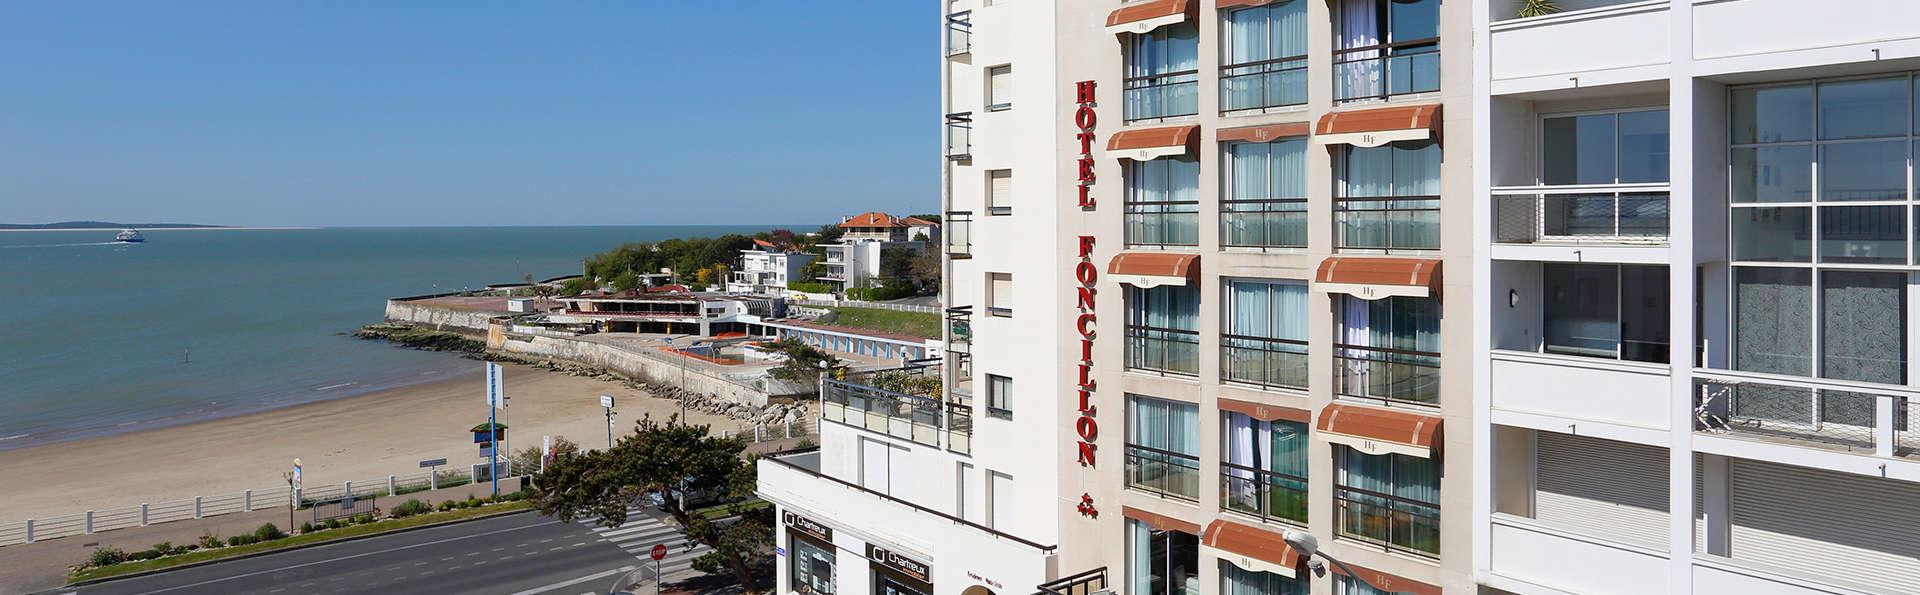 Best Western Hôtel Royan Ocean  - EDIT_NEW_Front.jpg